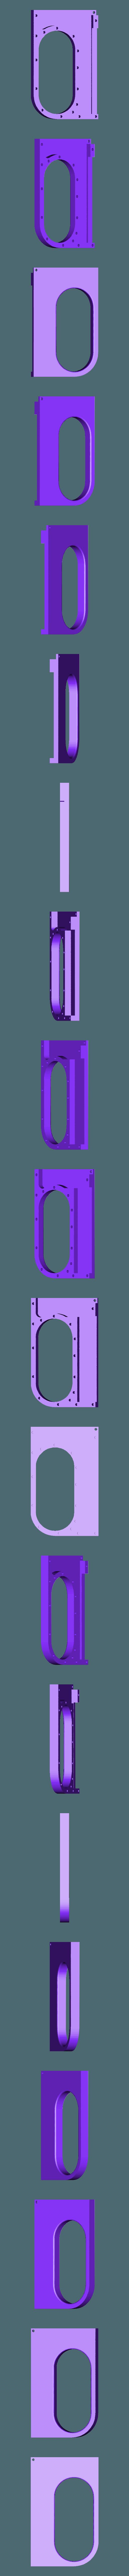 jBase2_b.stl Télécharger fichier STL gratuit Jack hook - ouvre-porte hygiénique et sûr, poussoir de bouton • Plan imprimable en 3D, Opossums